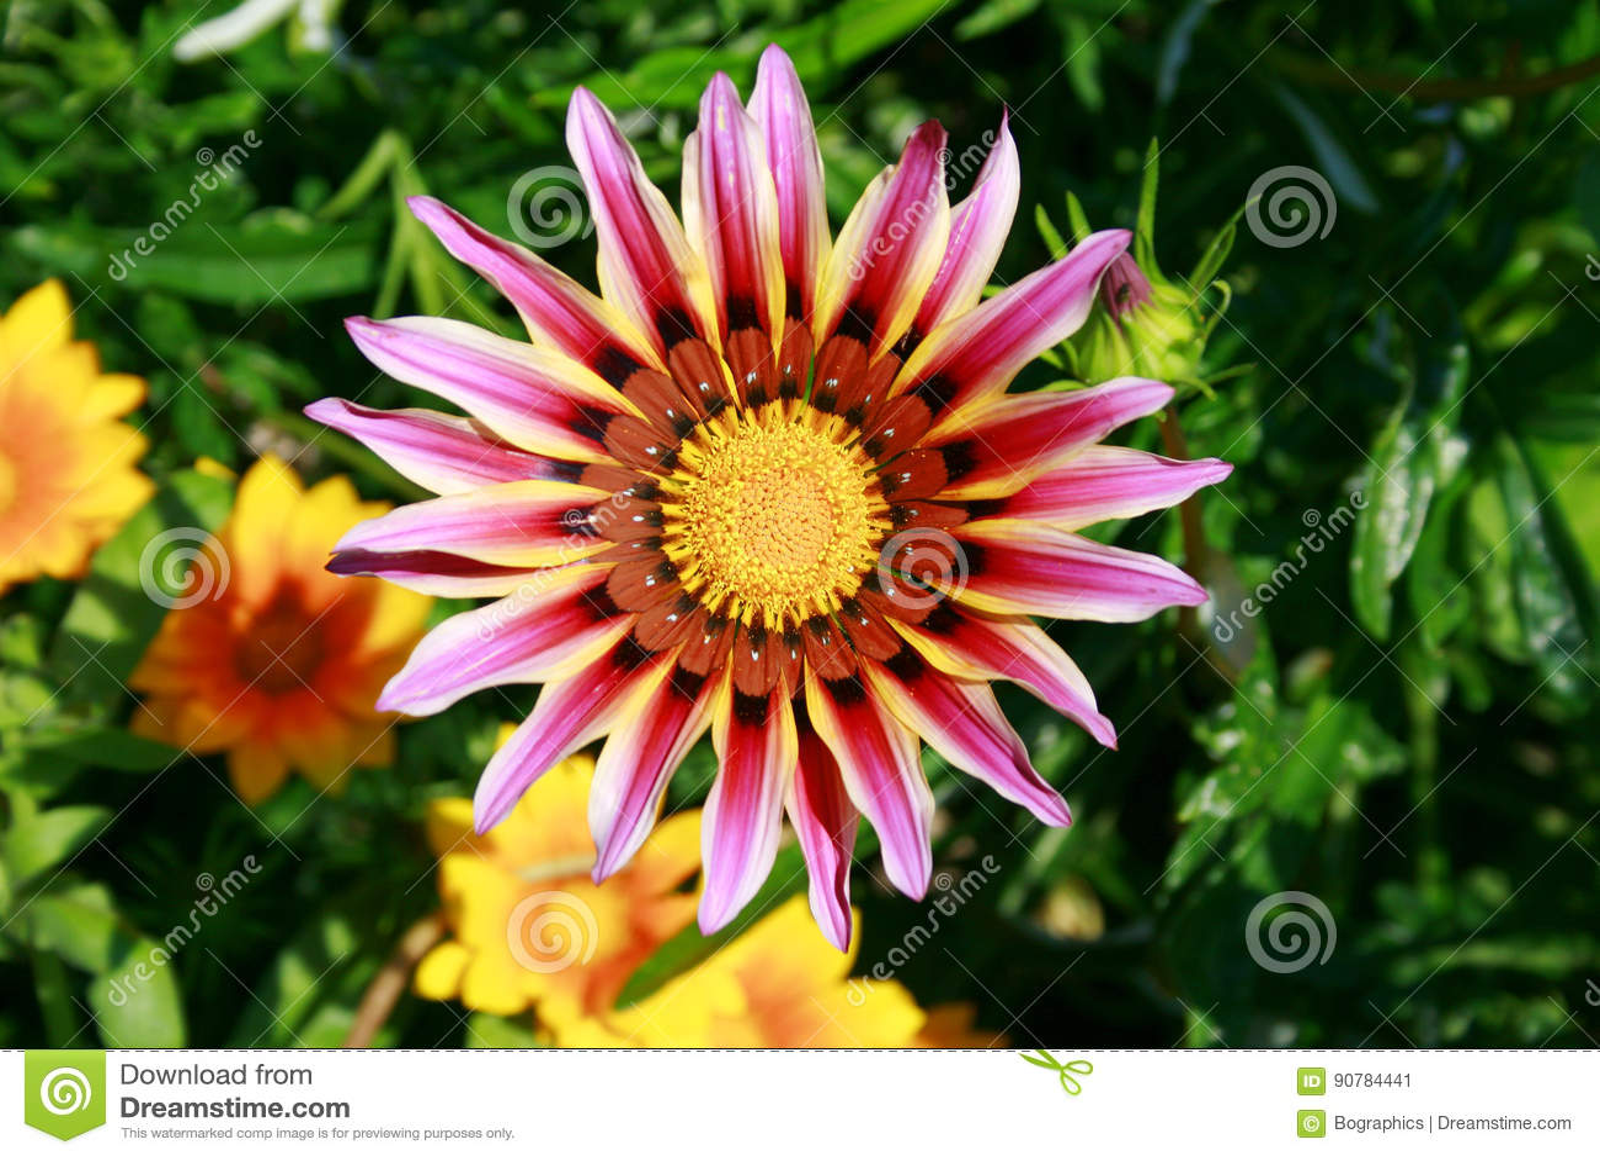 与长的紫色瓣的大花